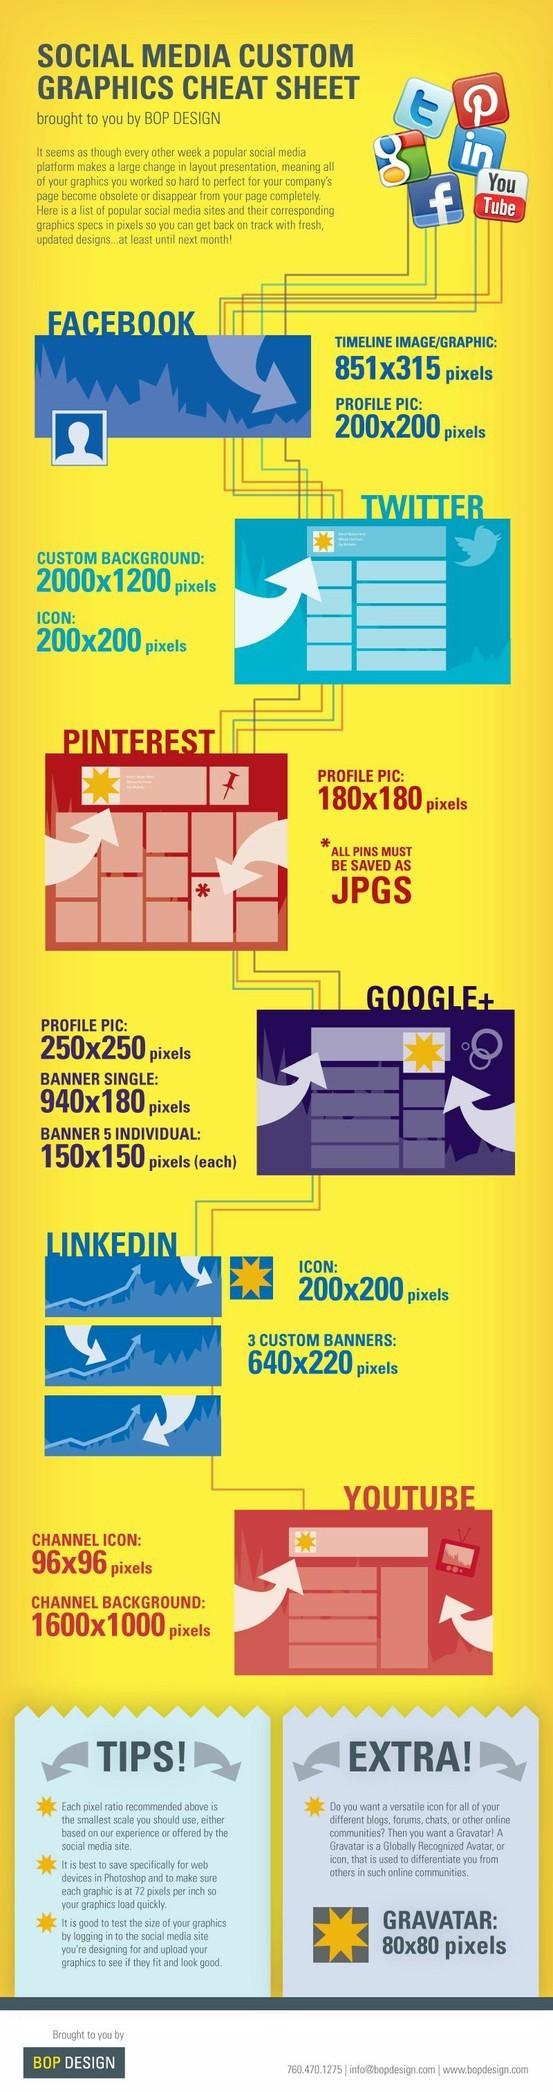 gestión de imágenes en Social Media